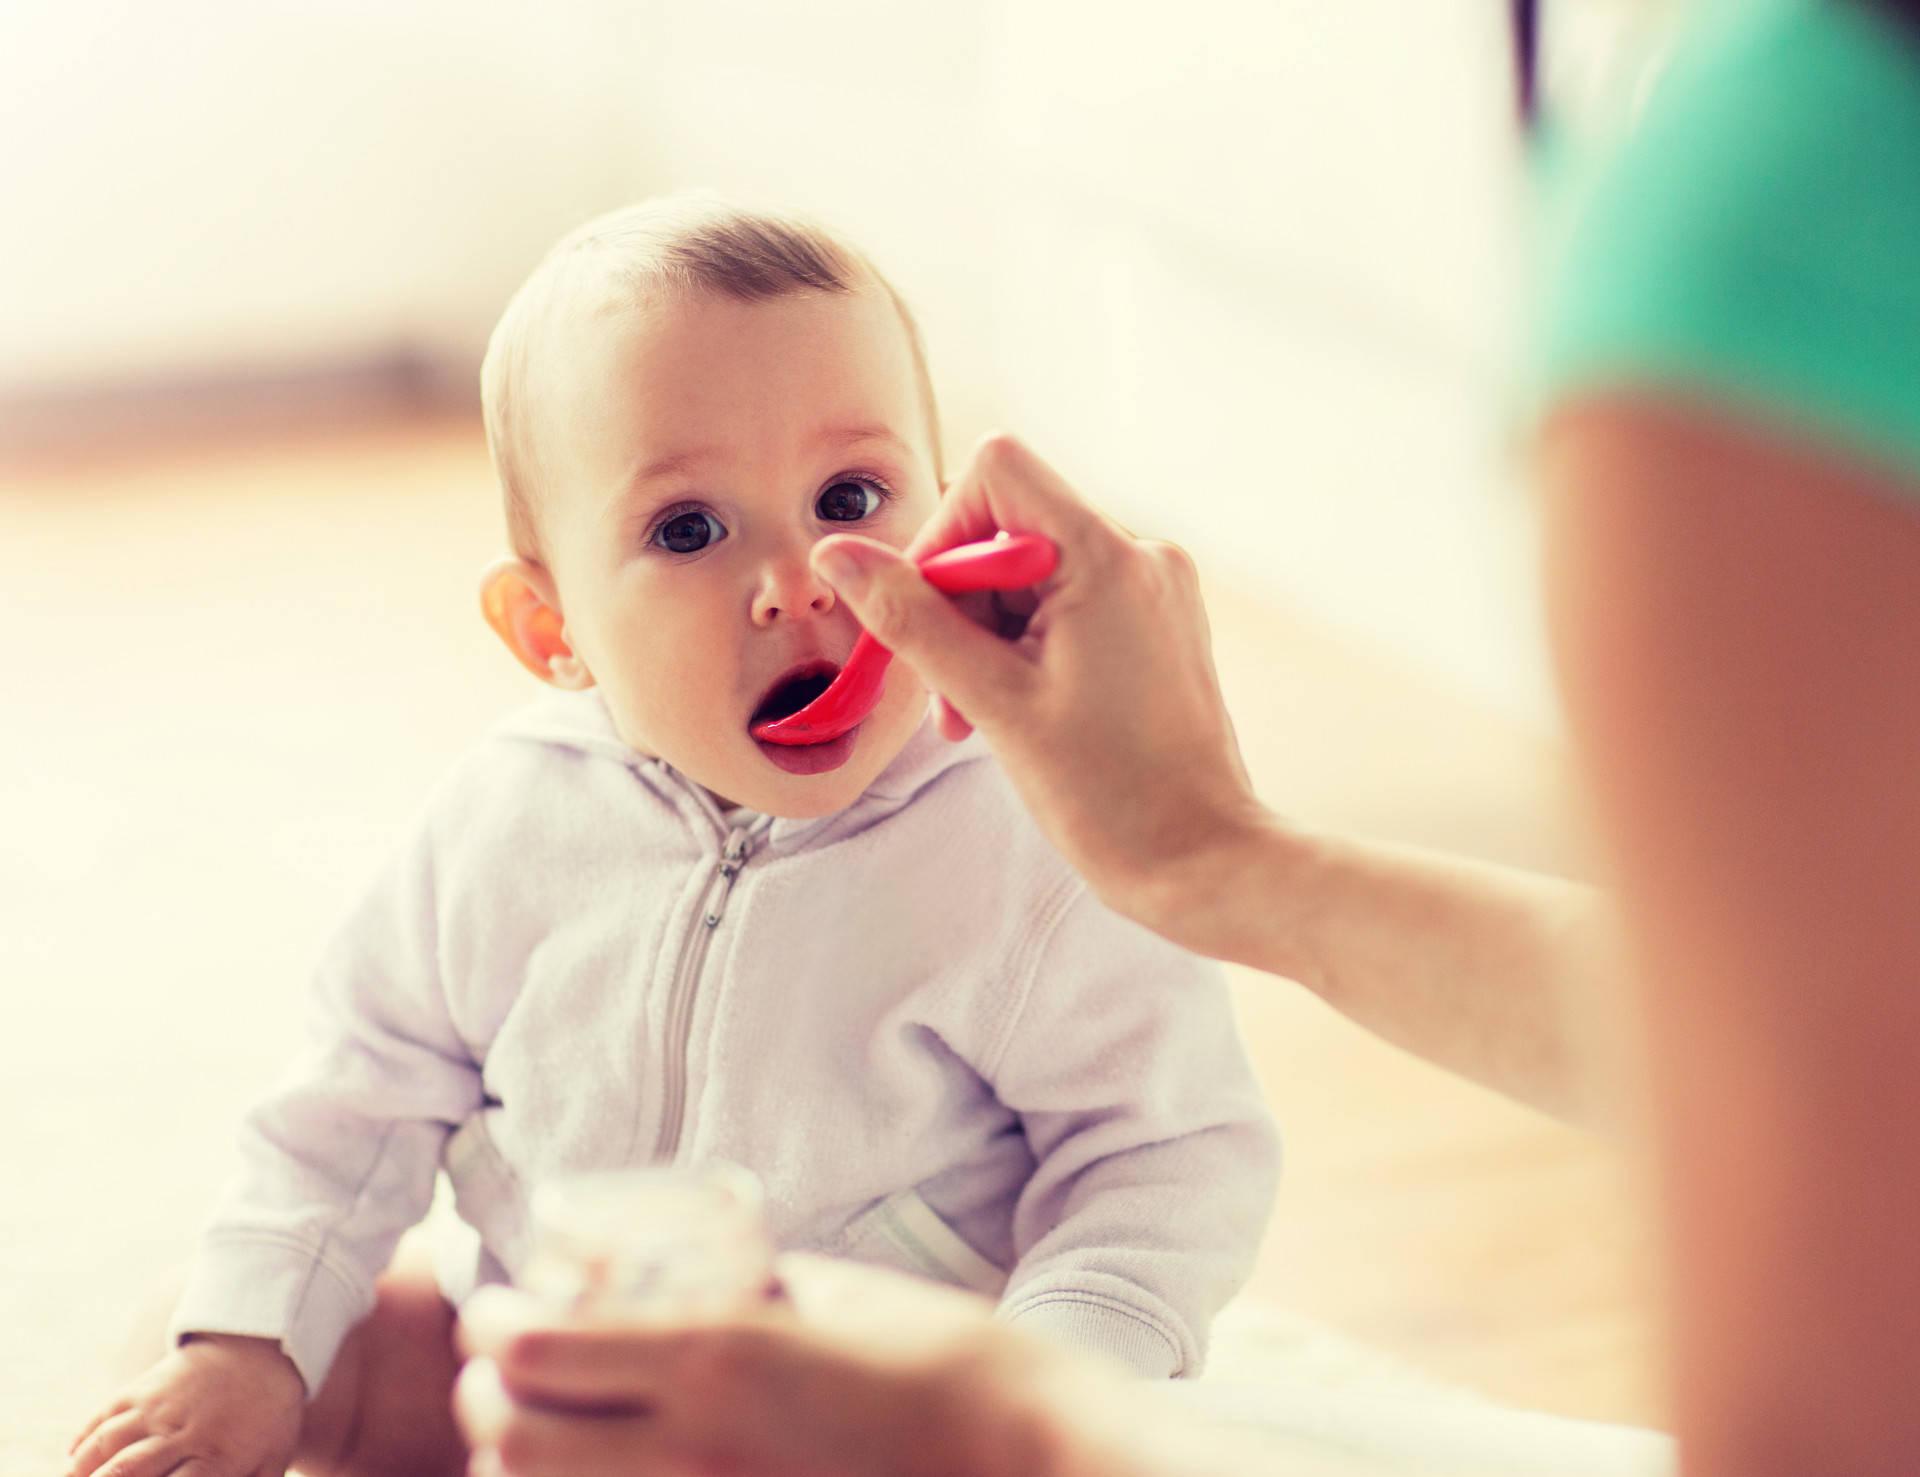 儿科医生:孩子一岁前有十种辅食不要碰,娃吃了容易生病难长高